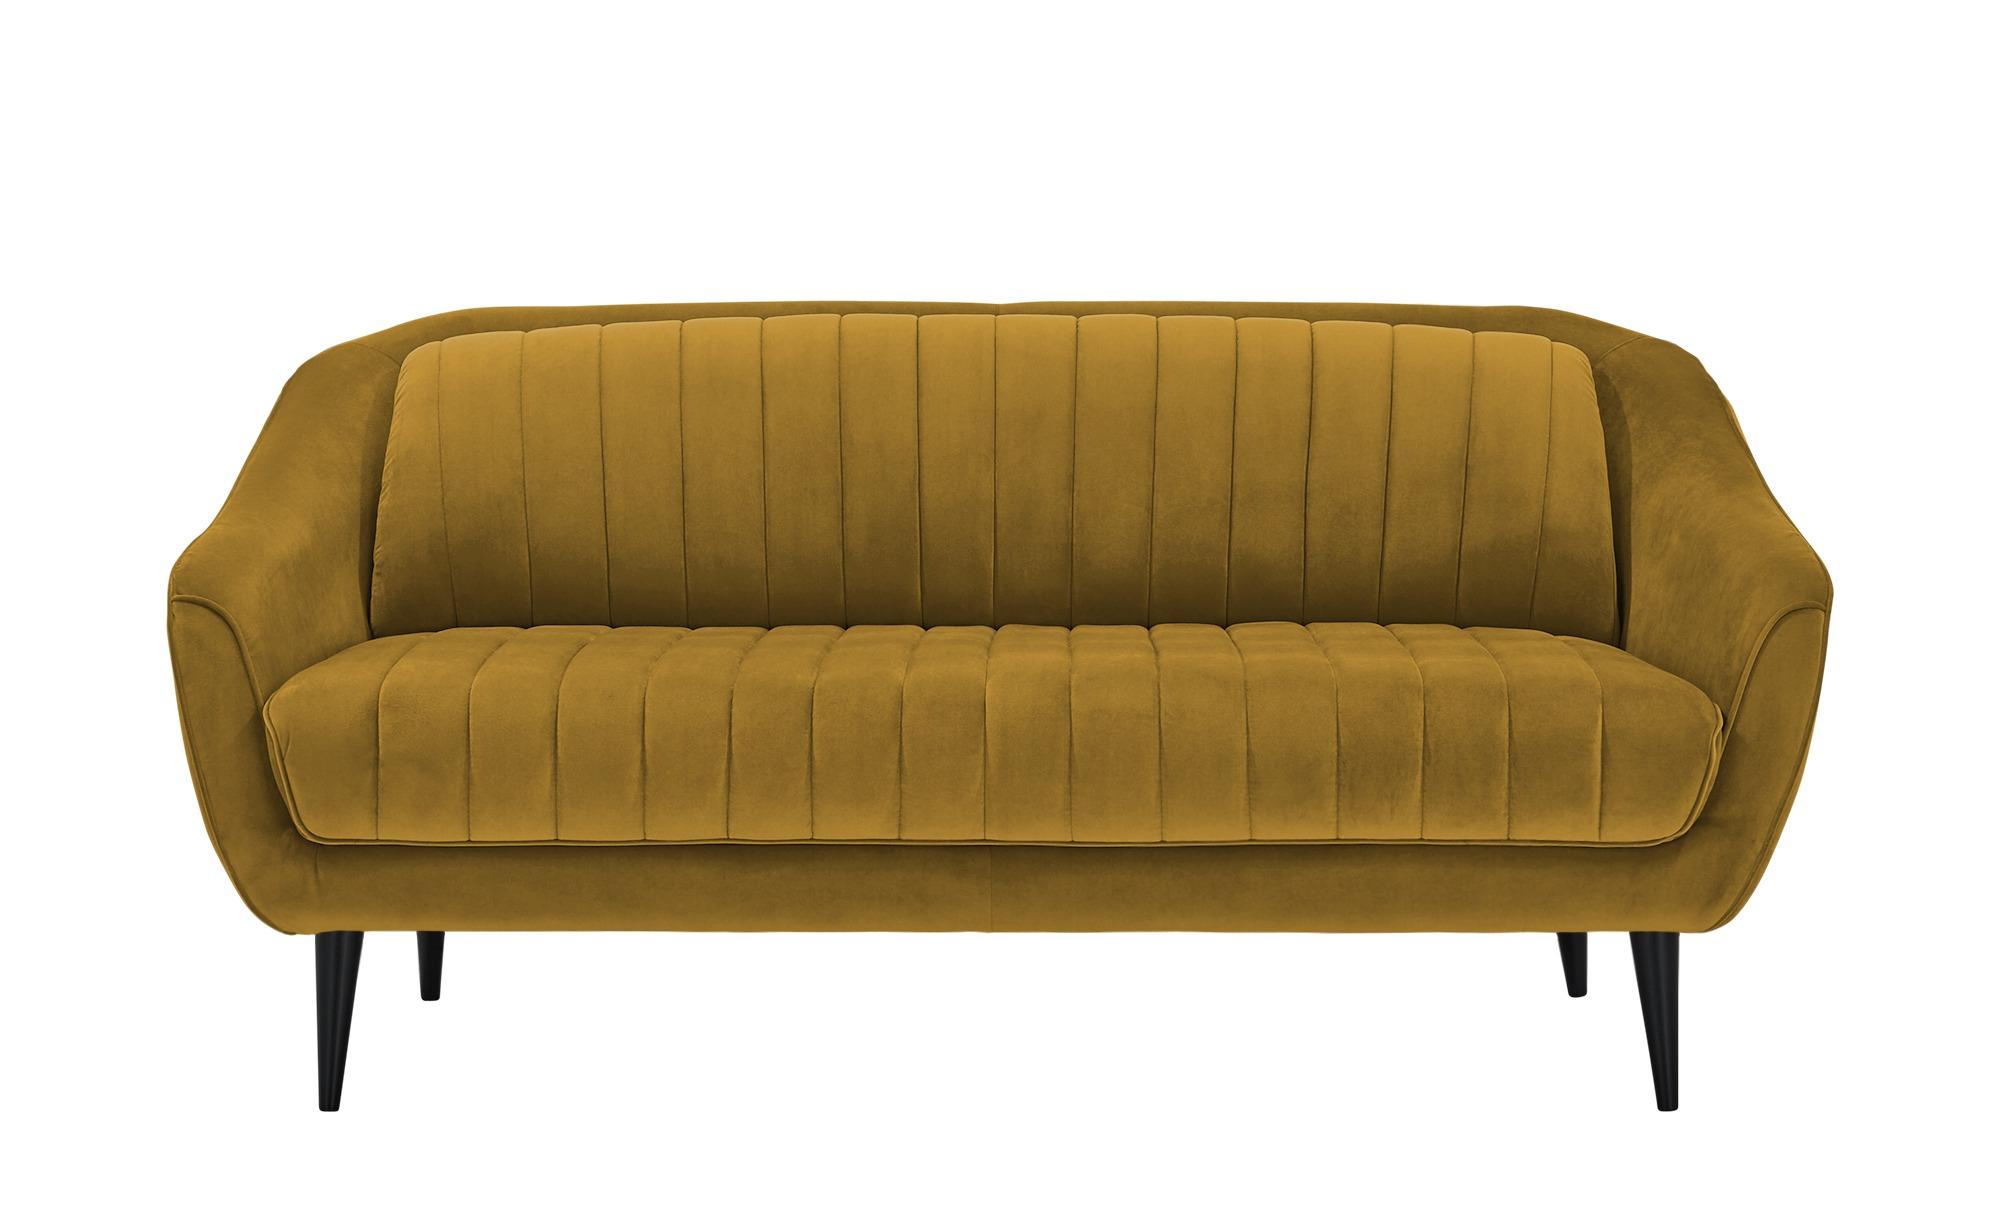 Sofa  Sophia ¦ gelb ¦ Maße (cm): B: 190 H: 83 T: 90 Polstermöbel > Sofas > Einzelsofas - Höffner